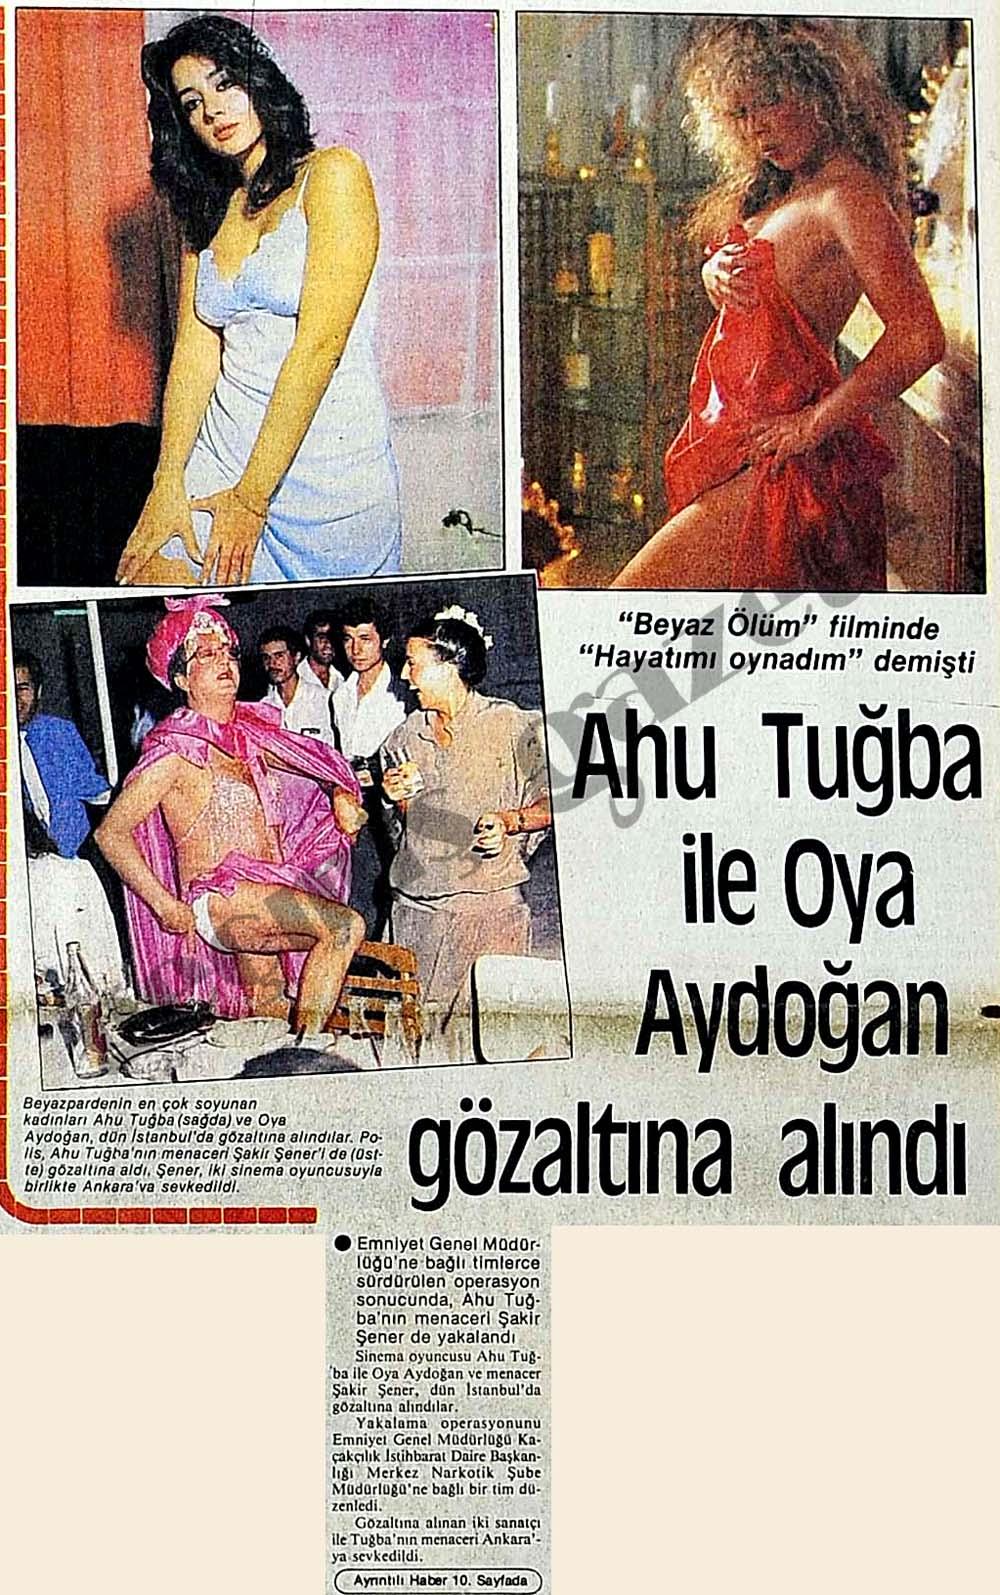 Ahu Tuğba ile Oya Aydoğan gözaltına alındı